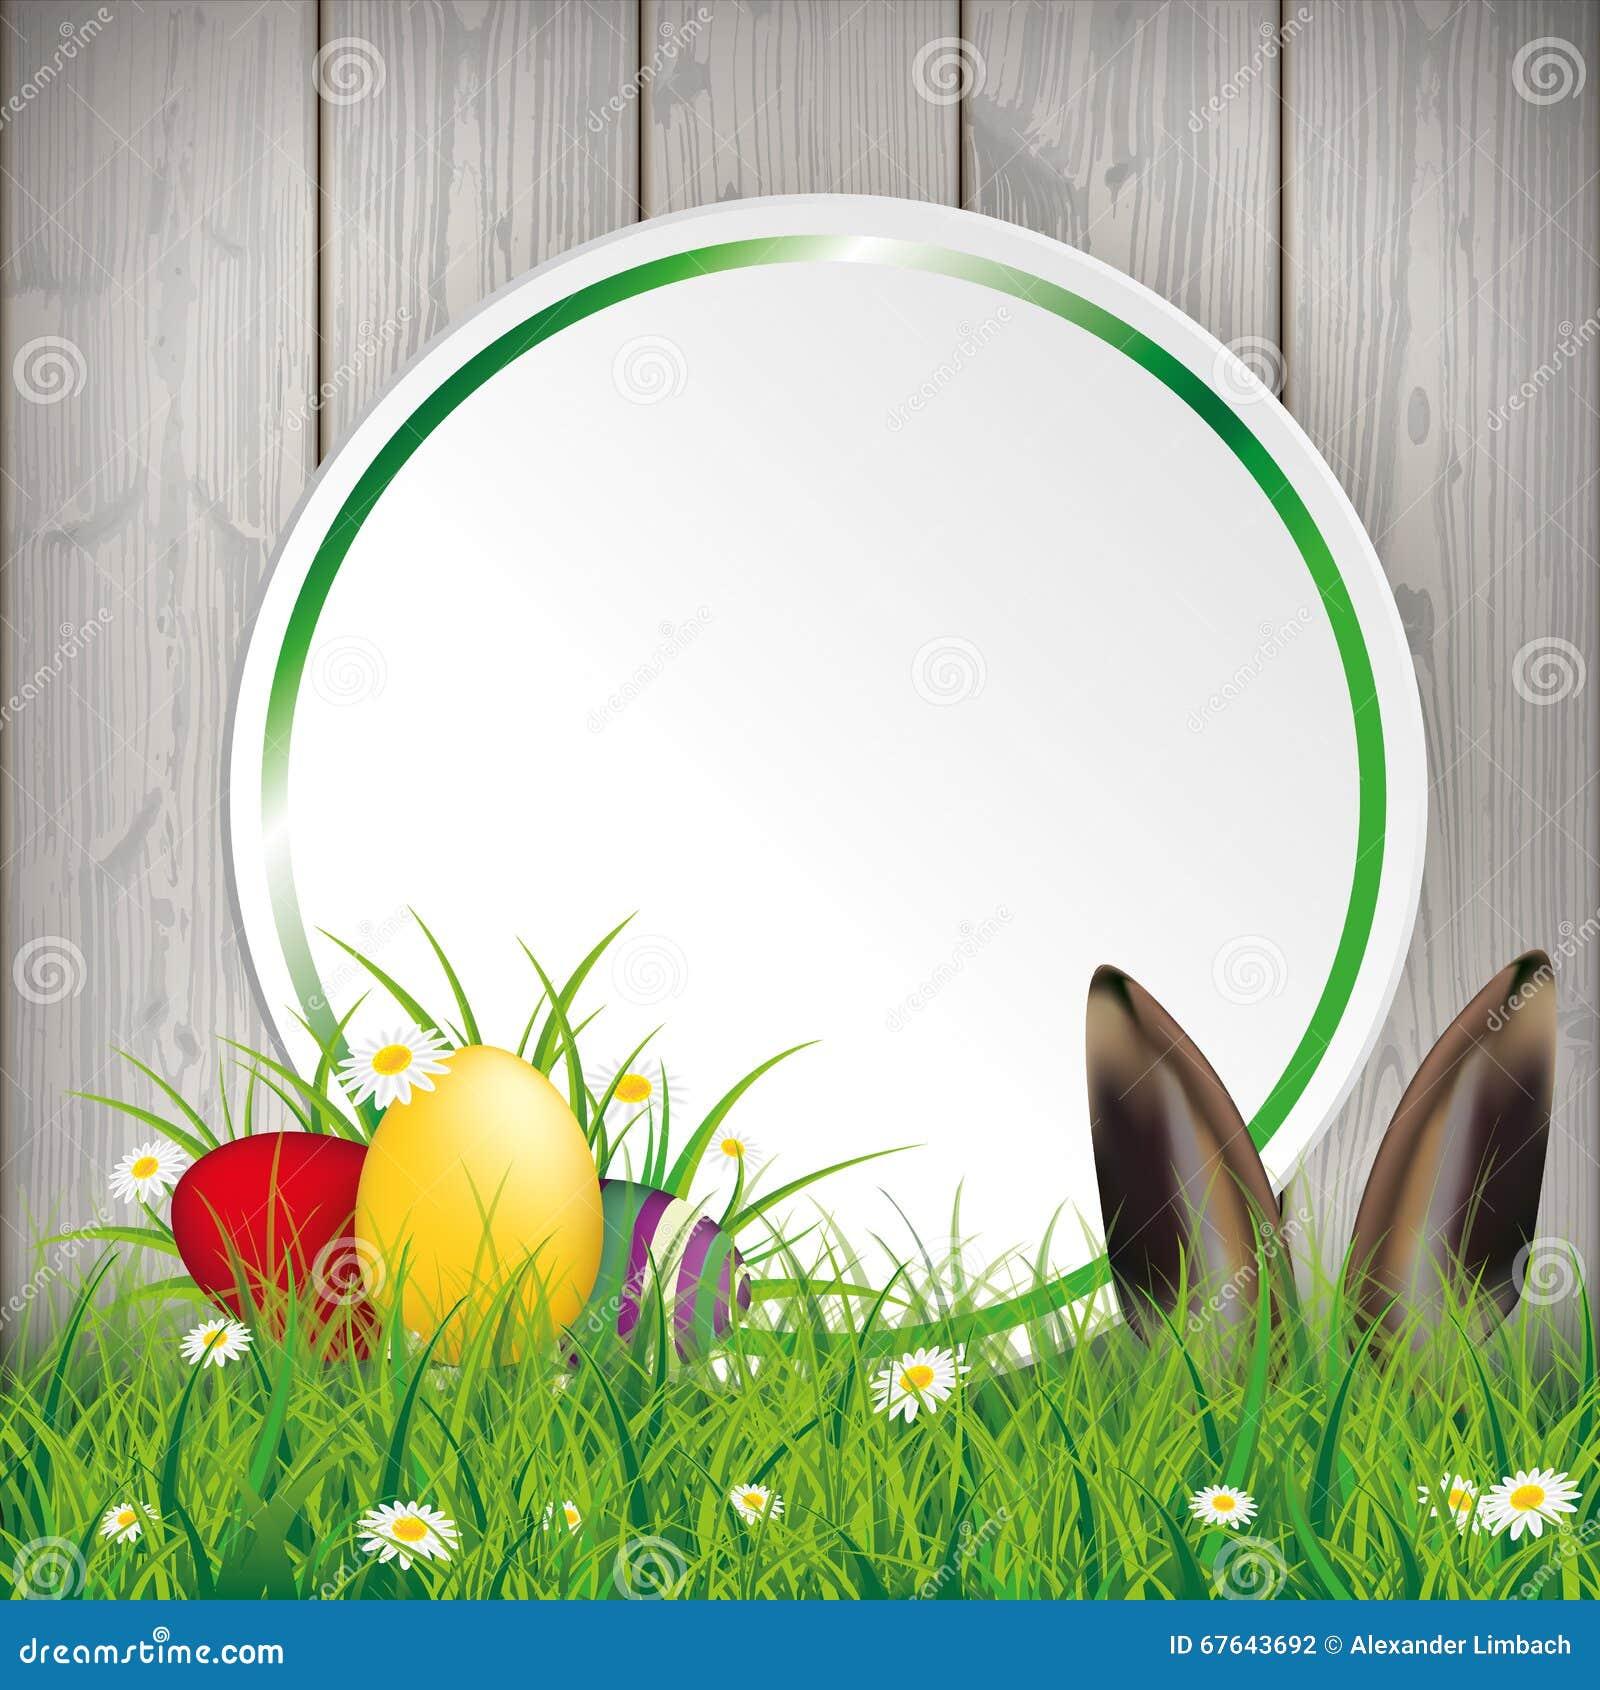 Farbige Osterei-Gras-Kreis-Fahnen-Hasen